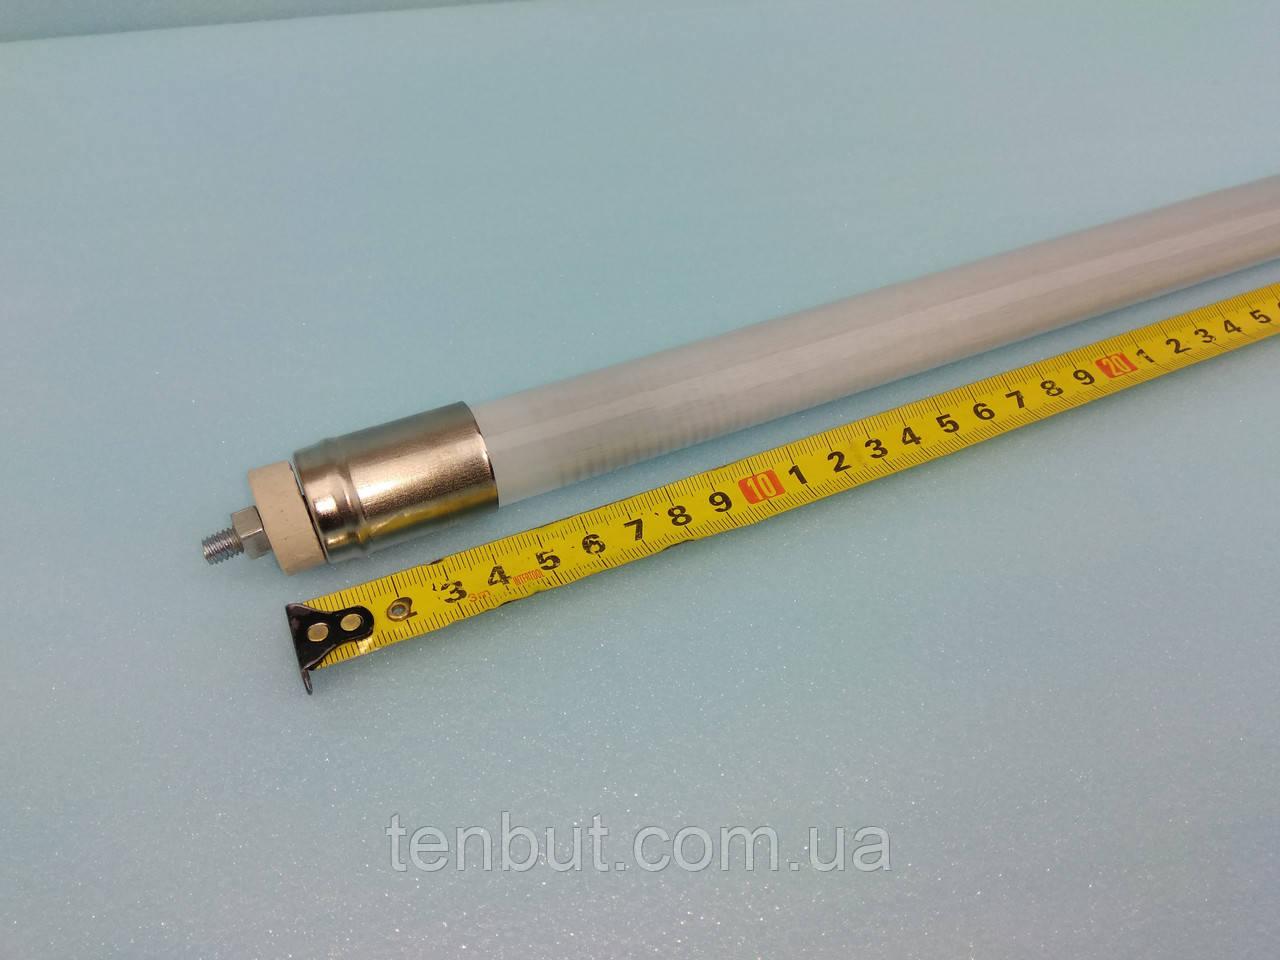 Лампа со спиралью для обогревателя 2.0 кВт. / 220 В. / длина 570 мм. Уфо Сатурн и др. Производитель Турция